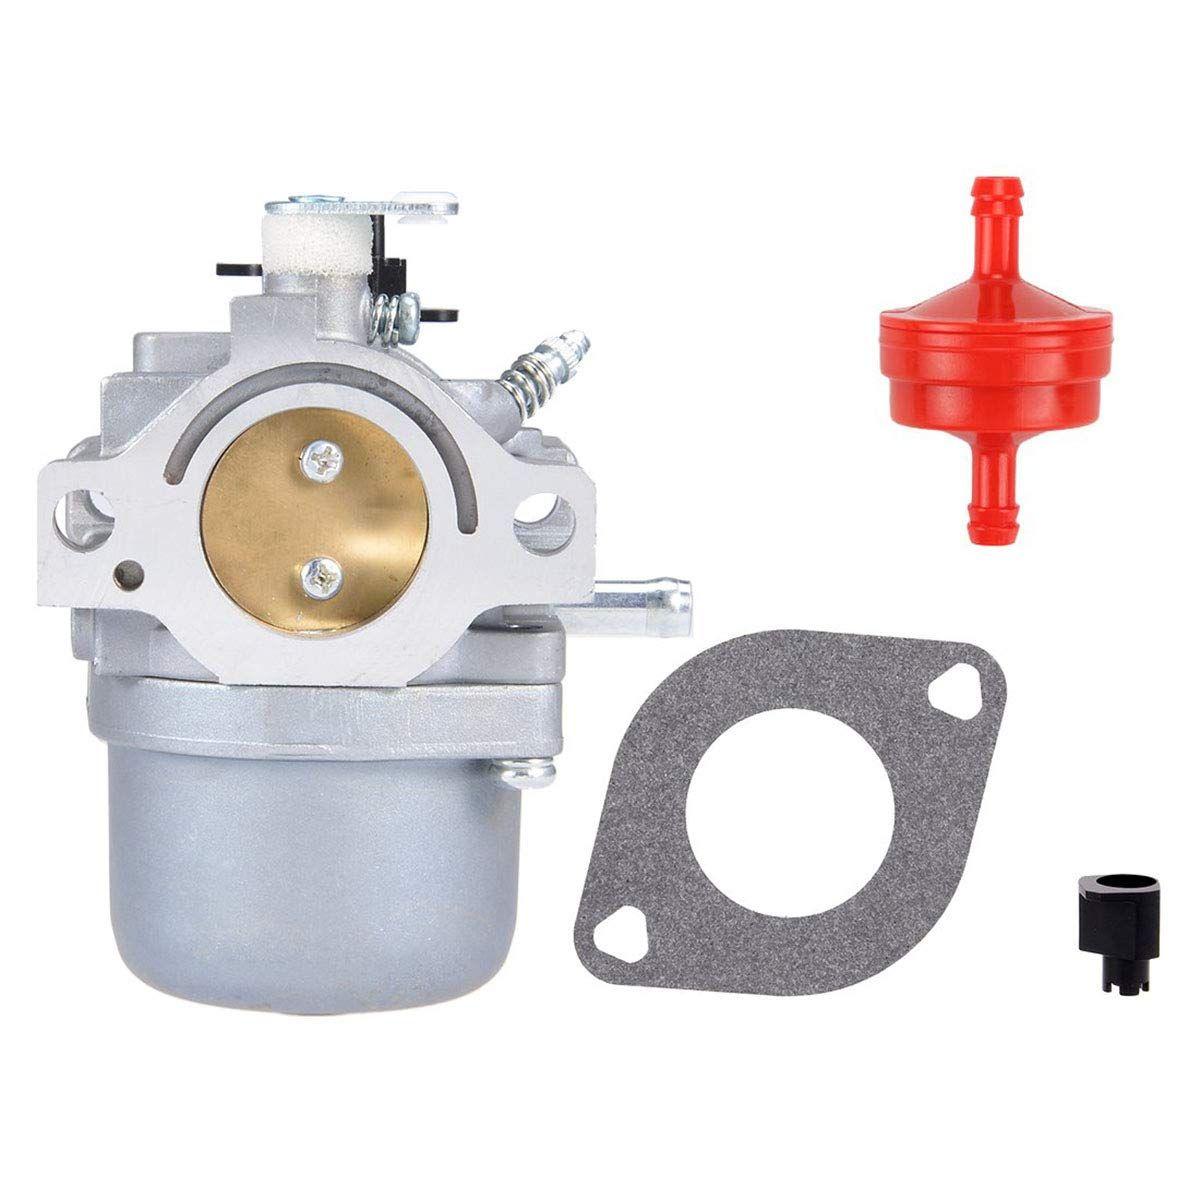 ZYHW 28R707 Carburateur Carb remplacement pour Briggs Stratton 28F707 28T707 28V707 moteur avec joint + filtre à carburant